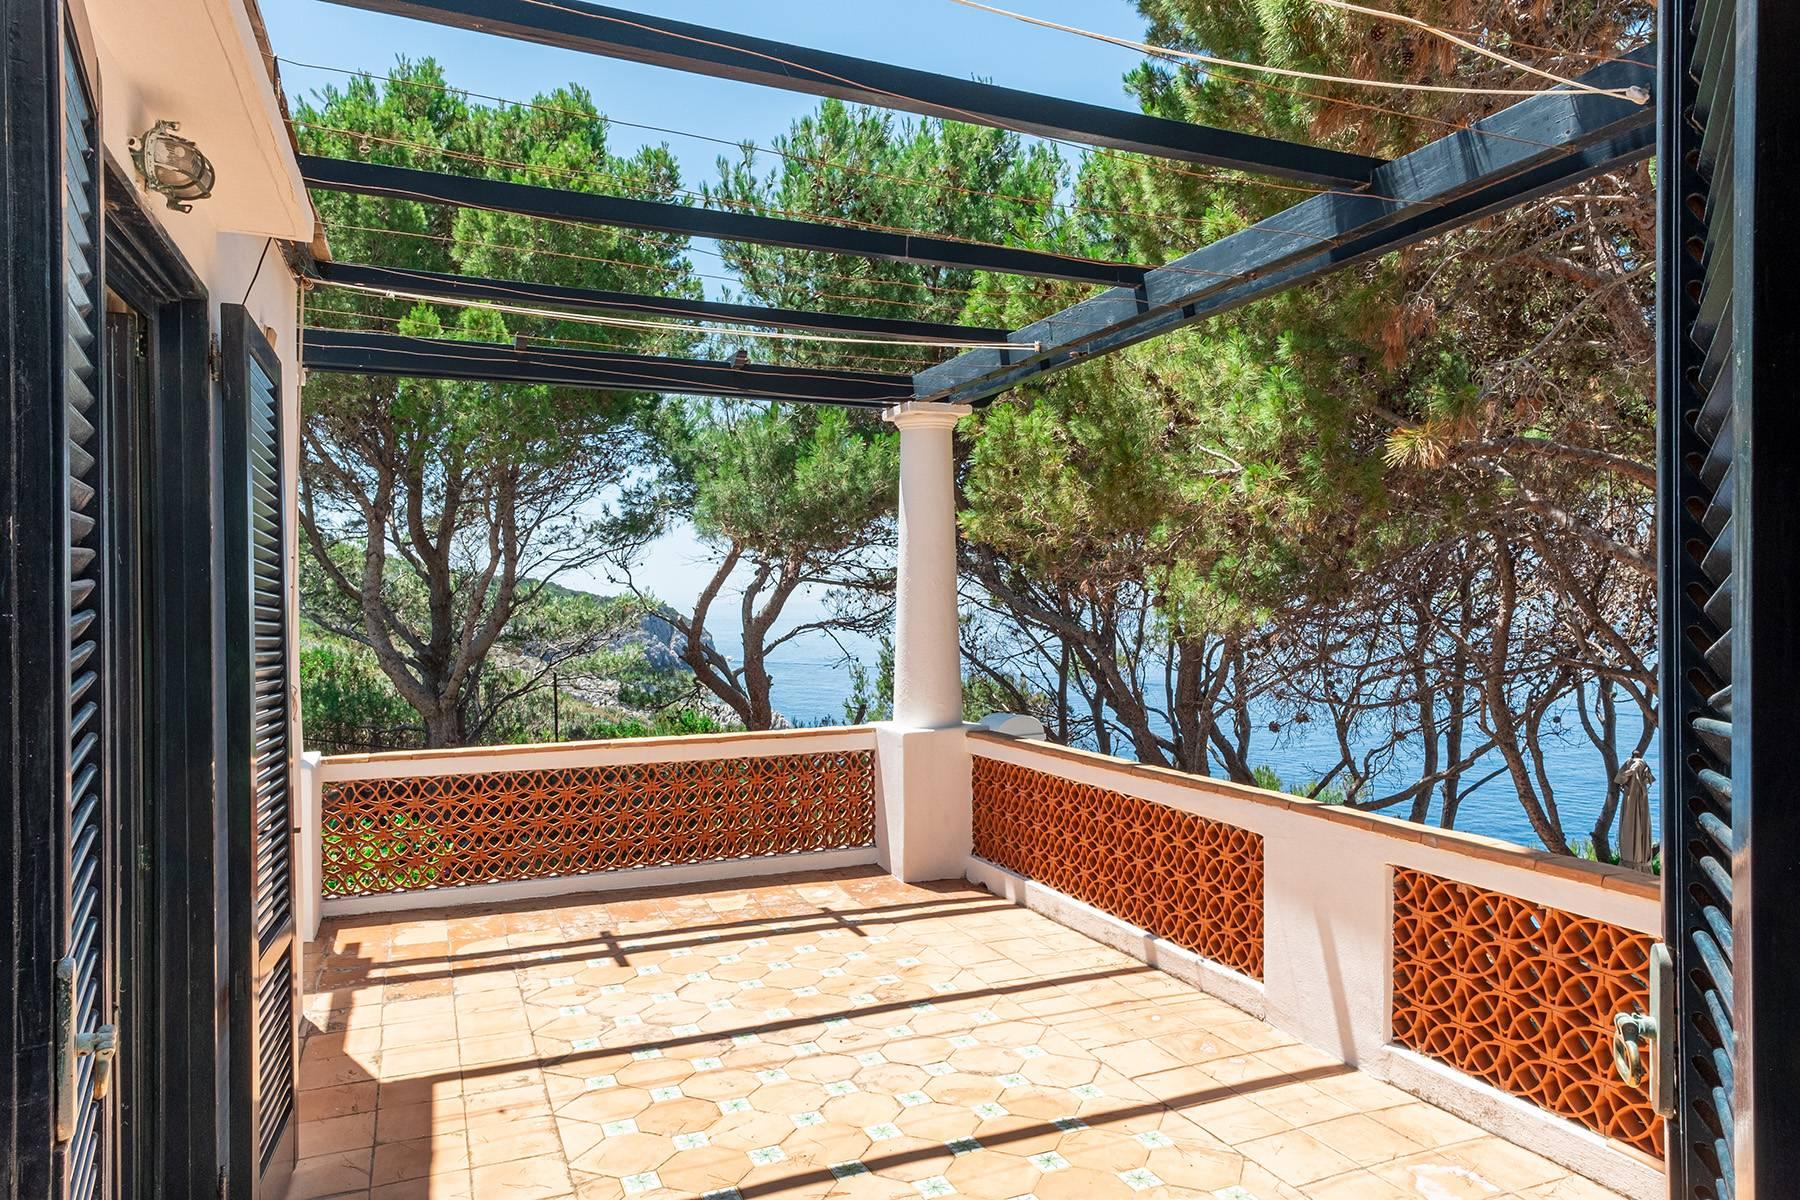 Villa in Vendita a Anacapri: 5 locali, 160 mq - Foto 13